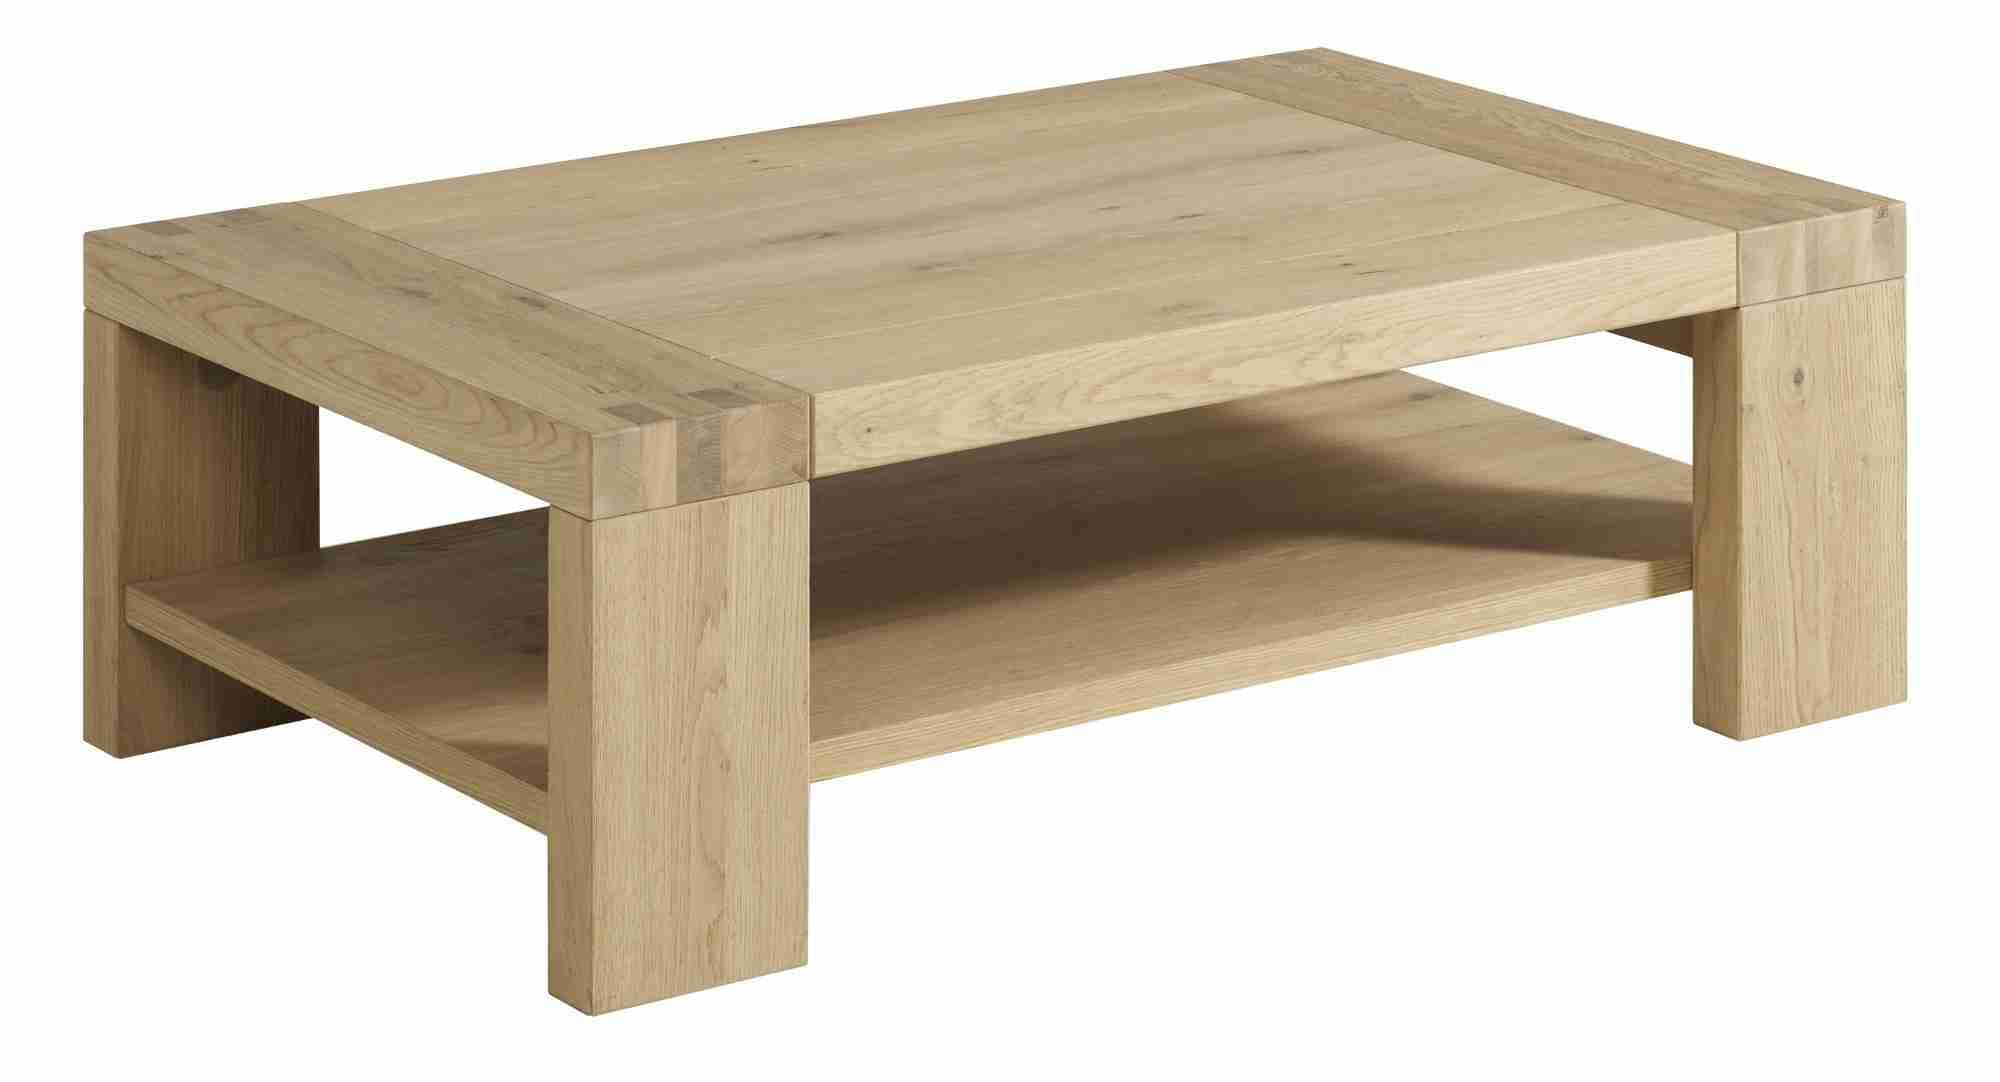 Table basse en bois pas chère